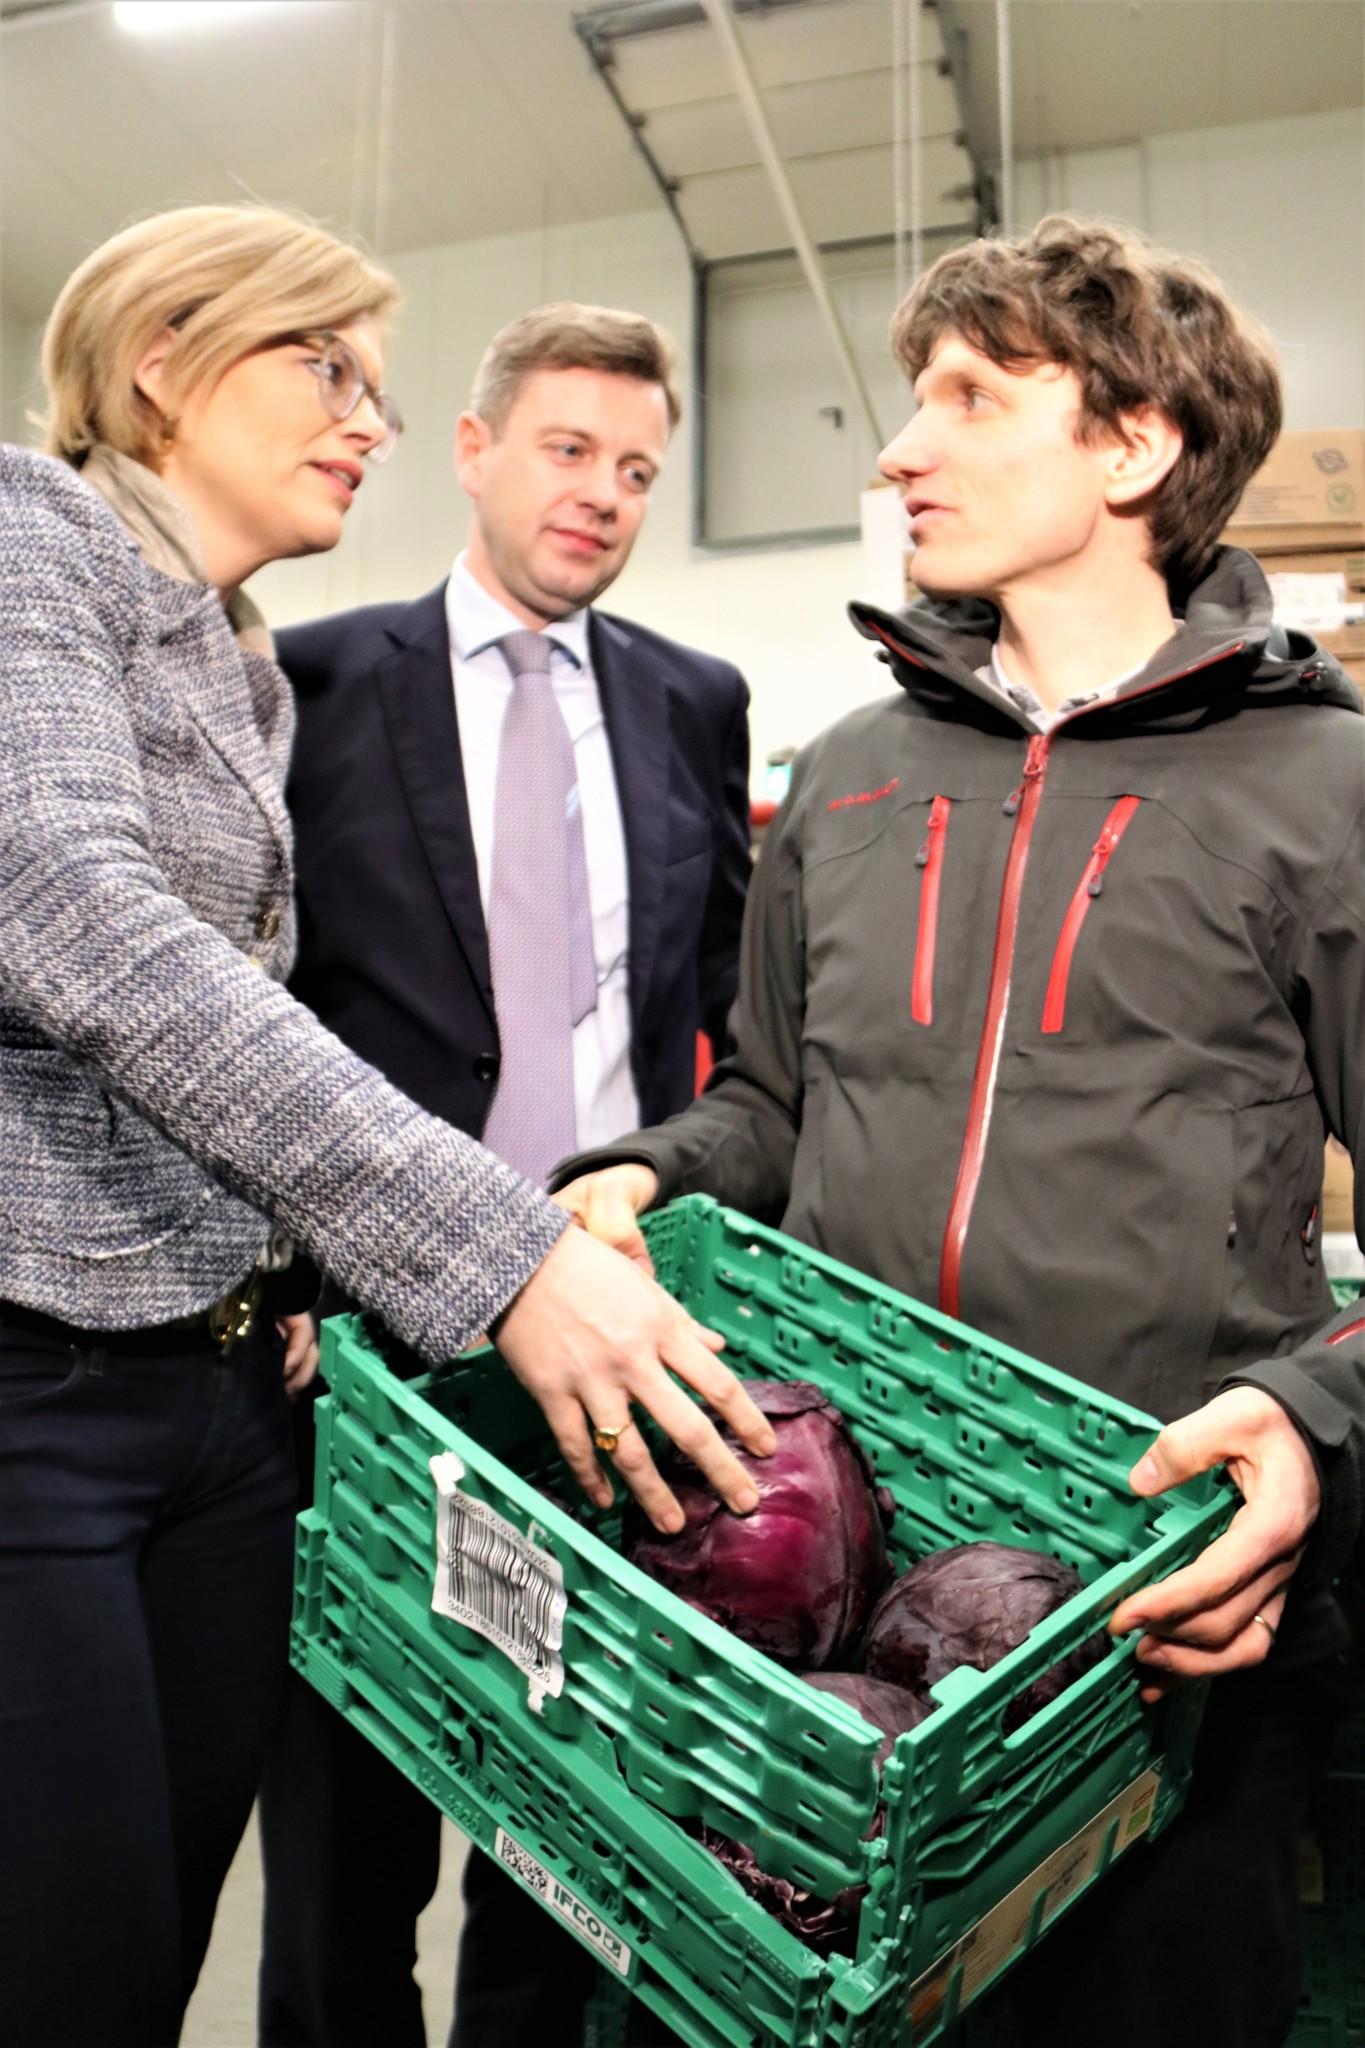 Bundeslandwirtschaftsministerin Julia Klöckner im Gespräch mit Lukas Nossol (Marketingleiter dennree) und Landrat Dr. Oliver Bär